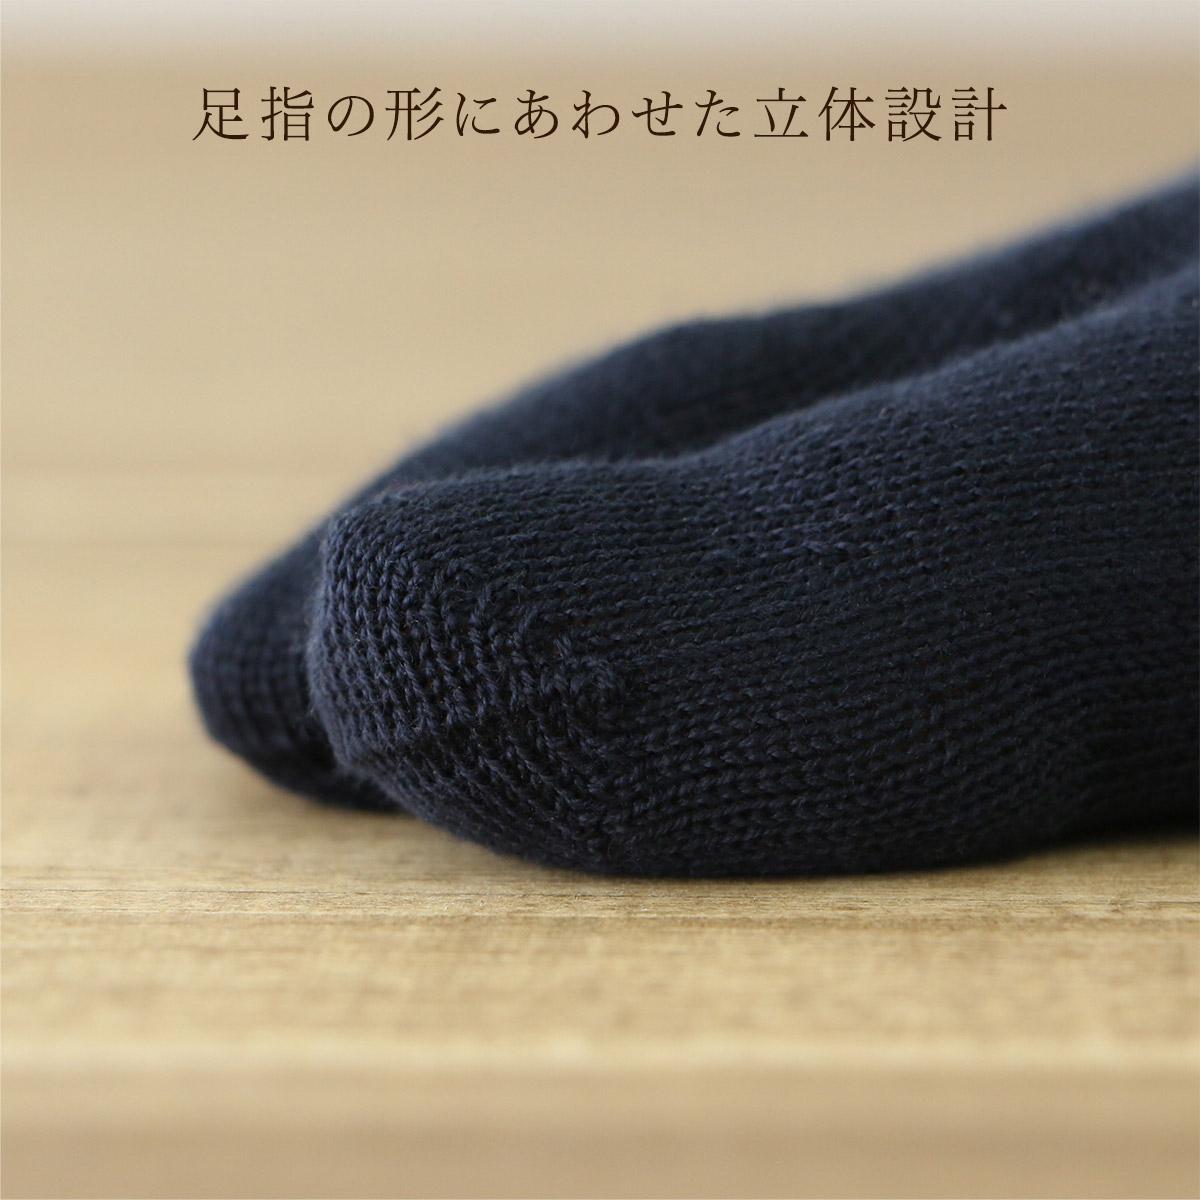 NAIGAI COMFORT ナイガイ コンフォート 5本指 綿100% カジュアル ミドル丈 ソックス 靴下 男性 メンズ 2302-515【ゆうパケット・2点まで】